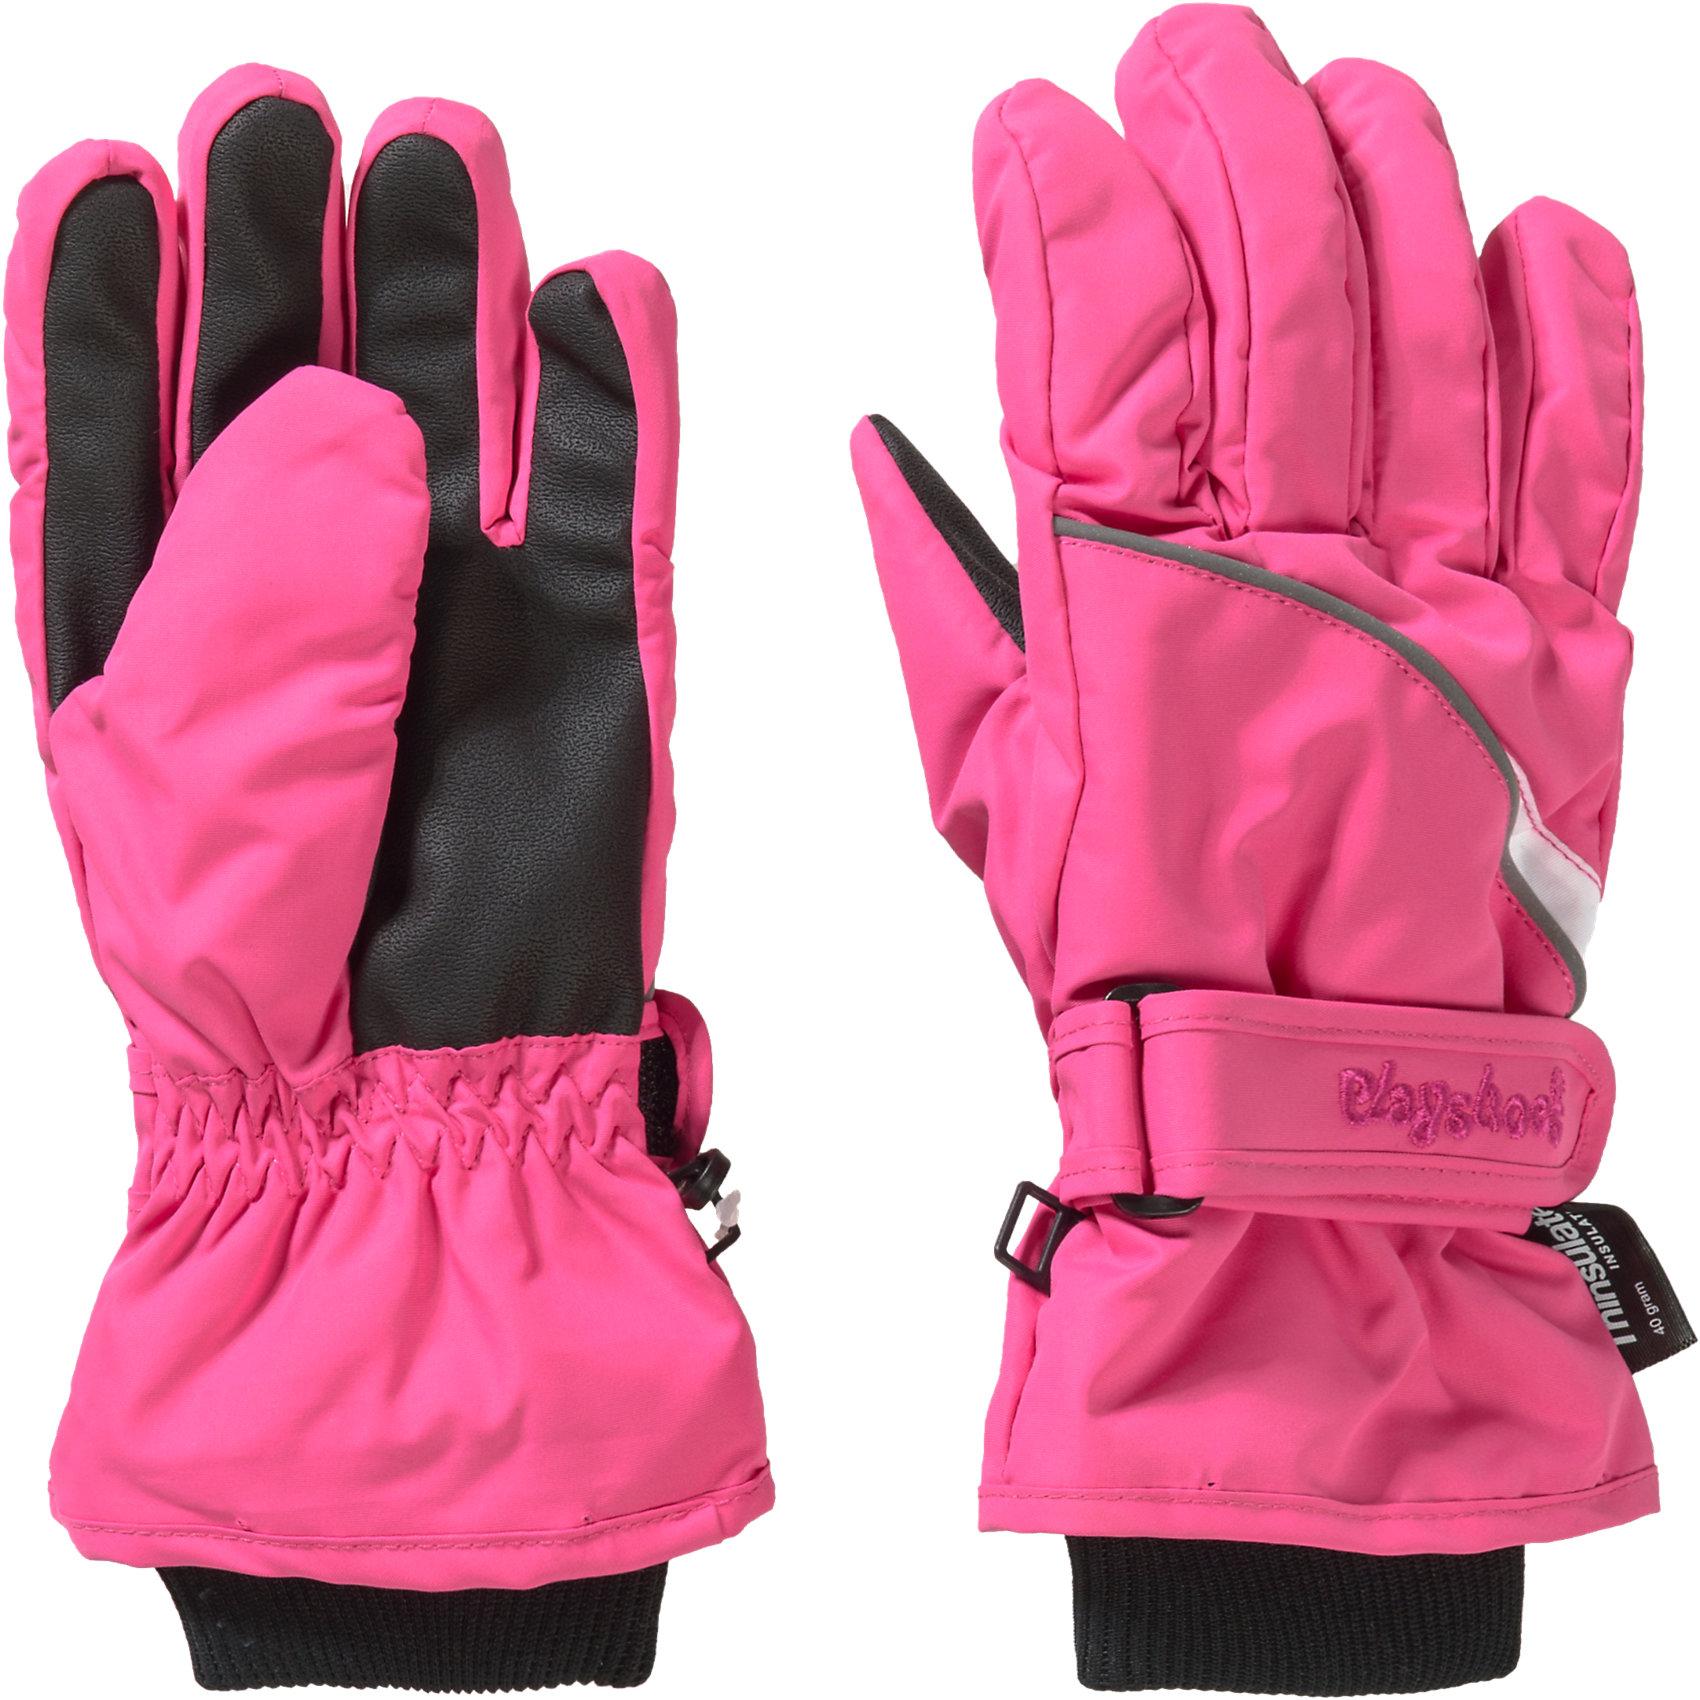 Ski- & Snowboard-Bekleidung Neu Playshoes Kinder Handschuhe 5981092 für Mädchen pink